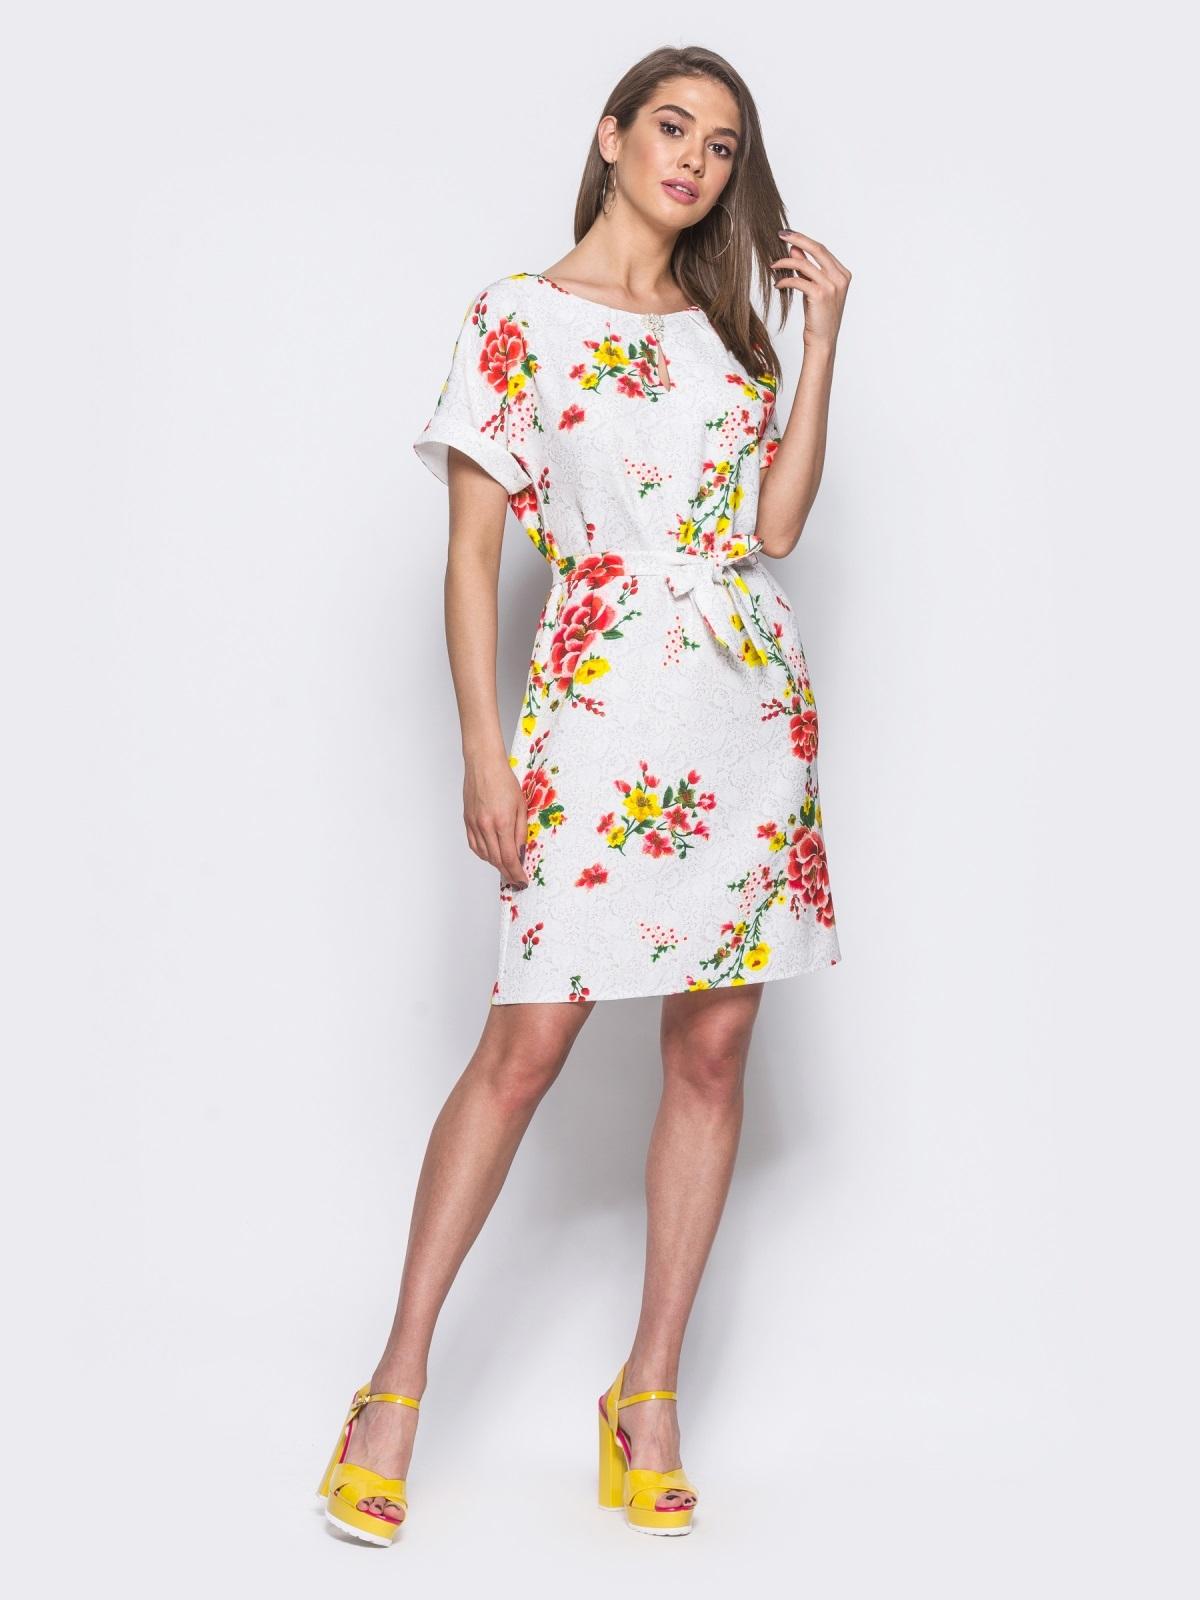 Белое платье в цветочный принт с брошкой на горловине - 11401, фото 1 – интернет-магазин Dressa